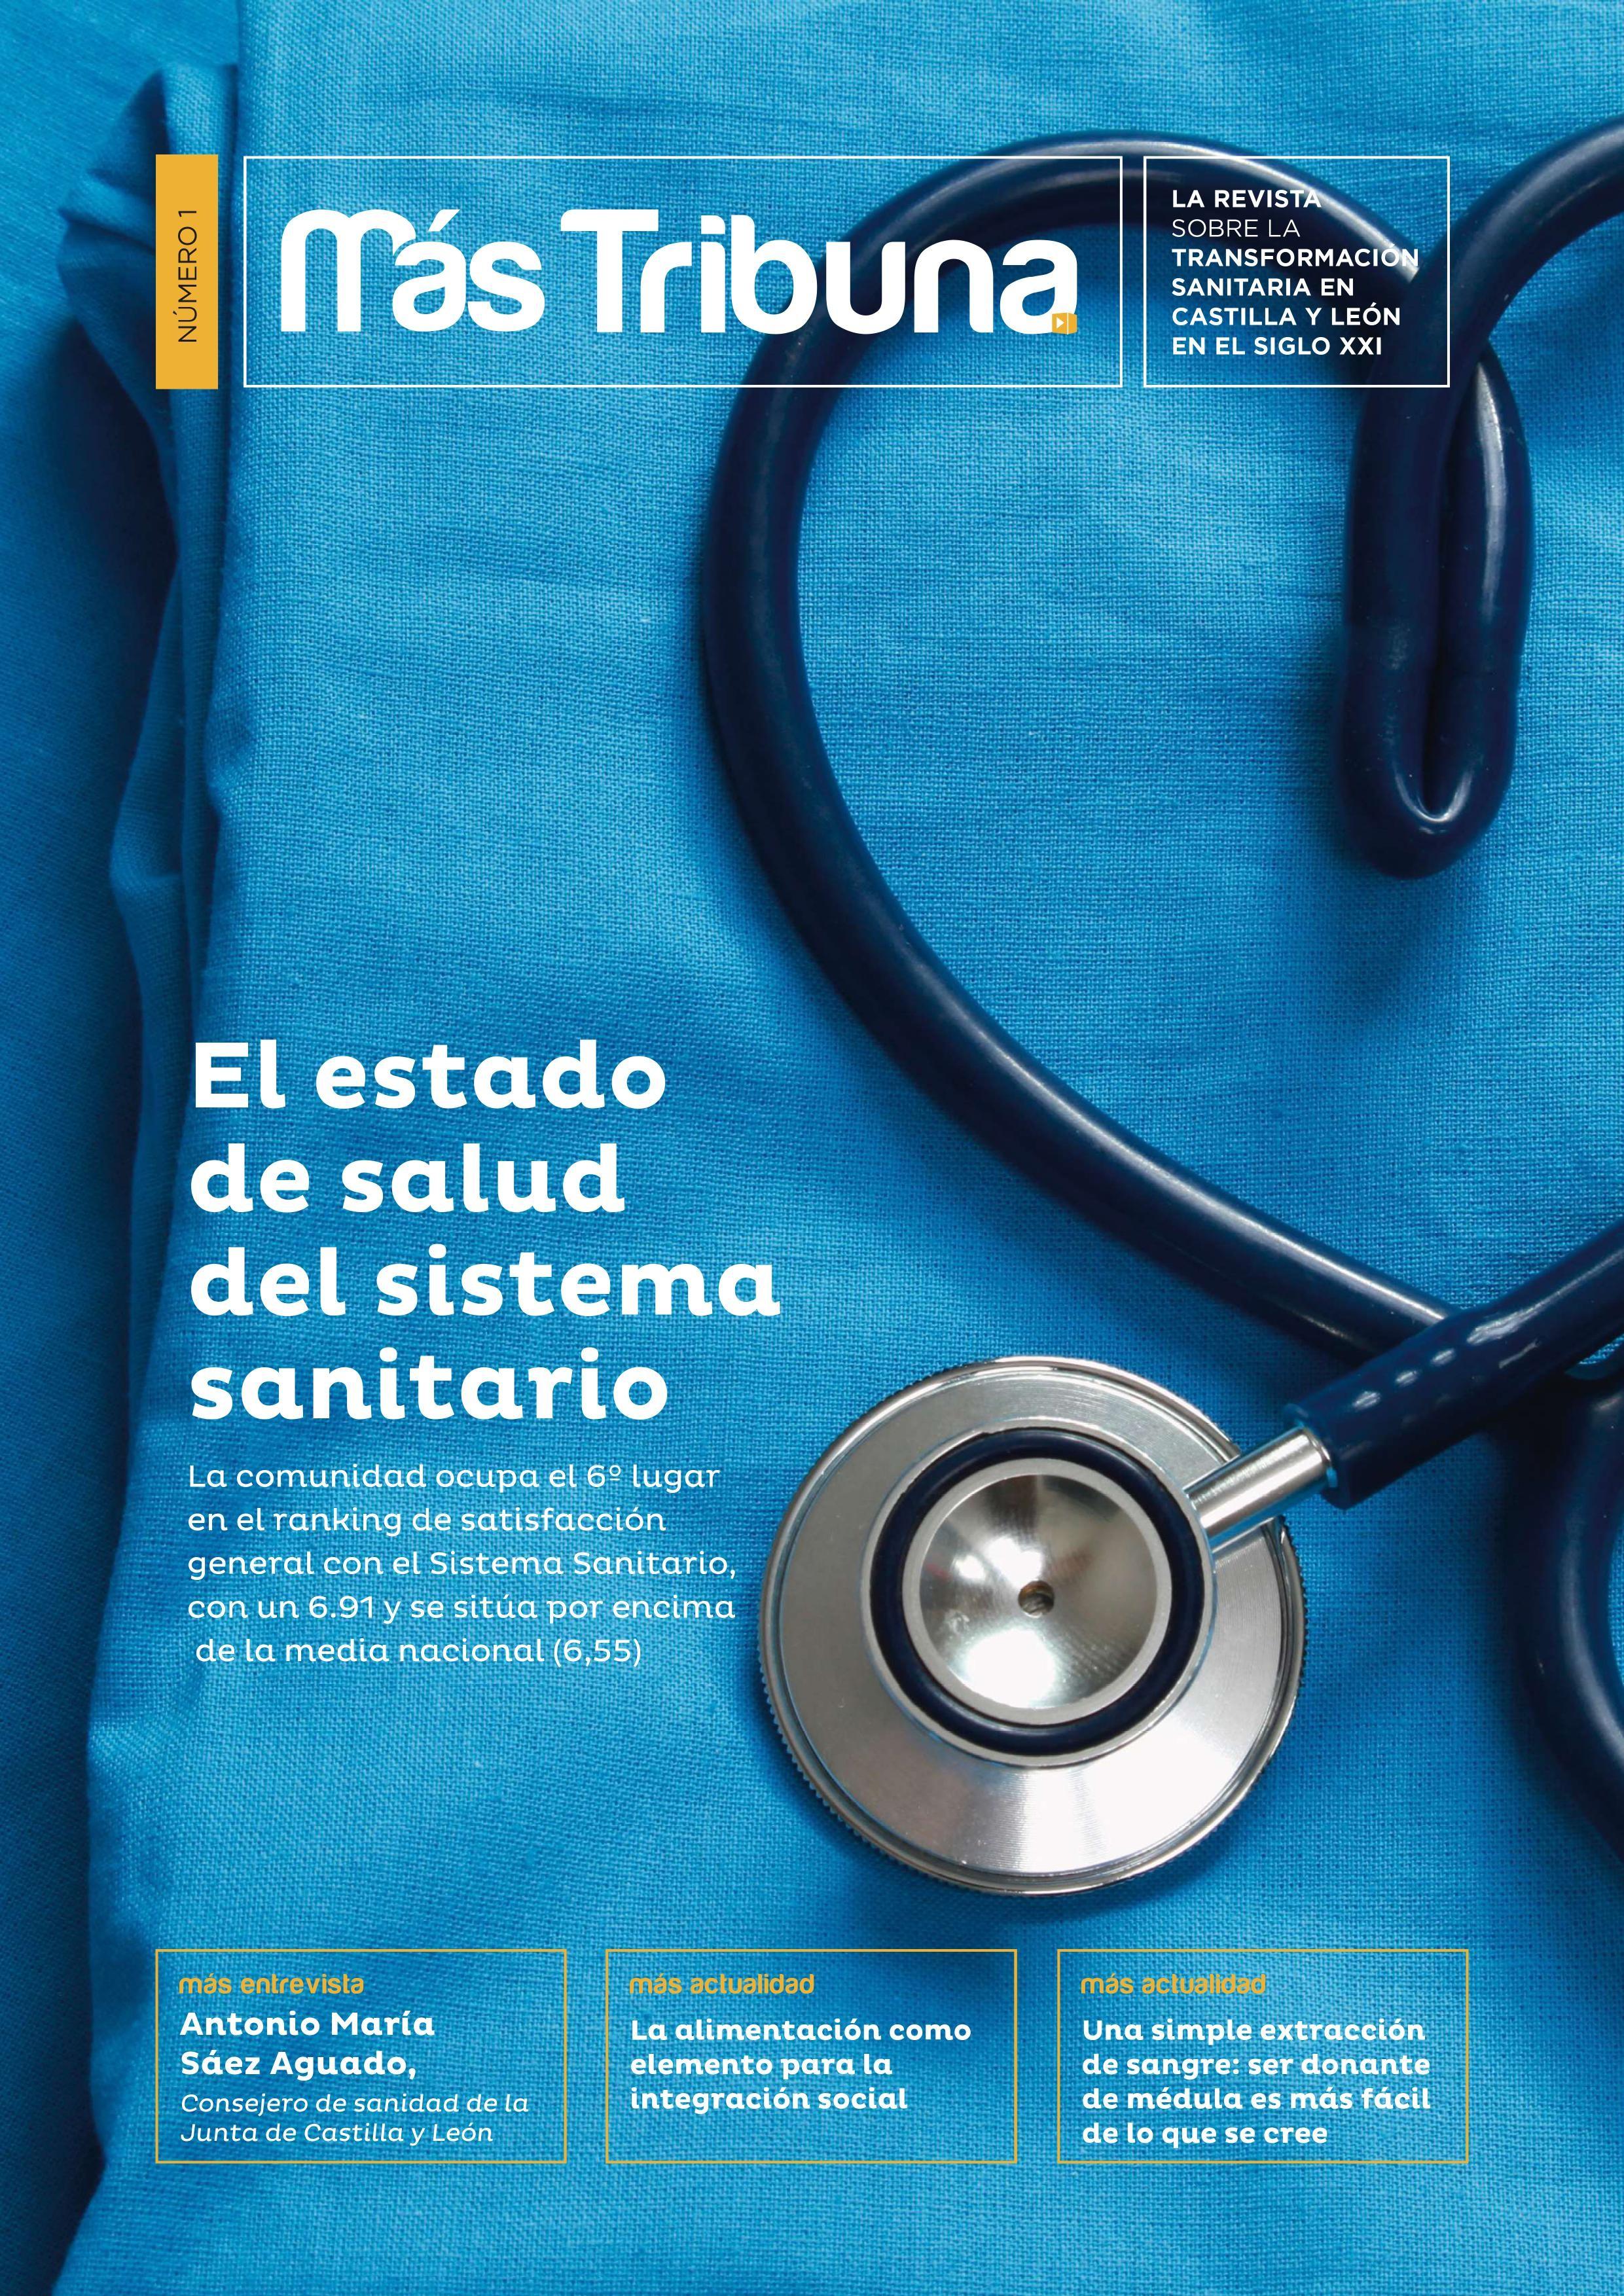 Calendario Escolar 2019 Castilla Y Leon Más Populares Tribuna De Burgos Noticias Castilla Y Le³n Noticias Burgos